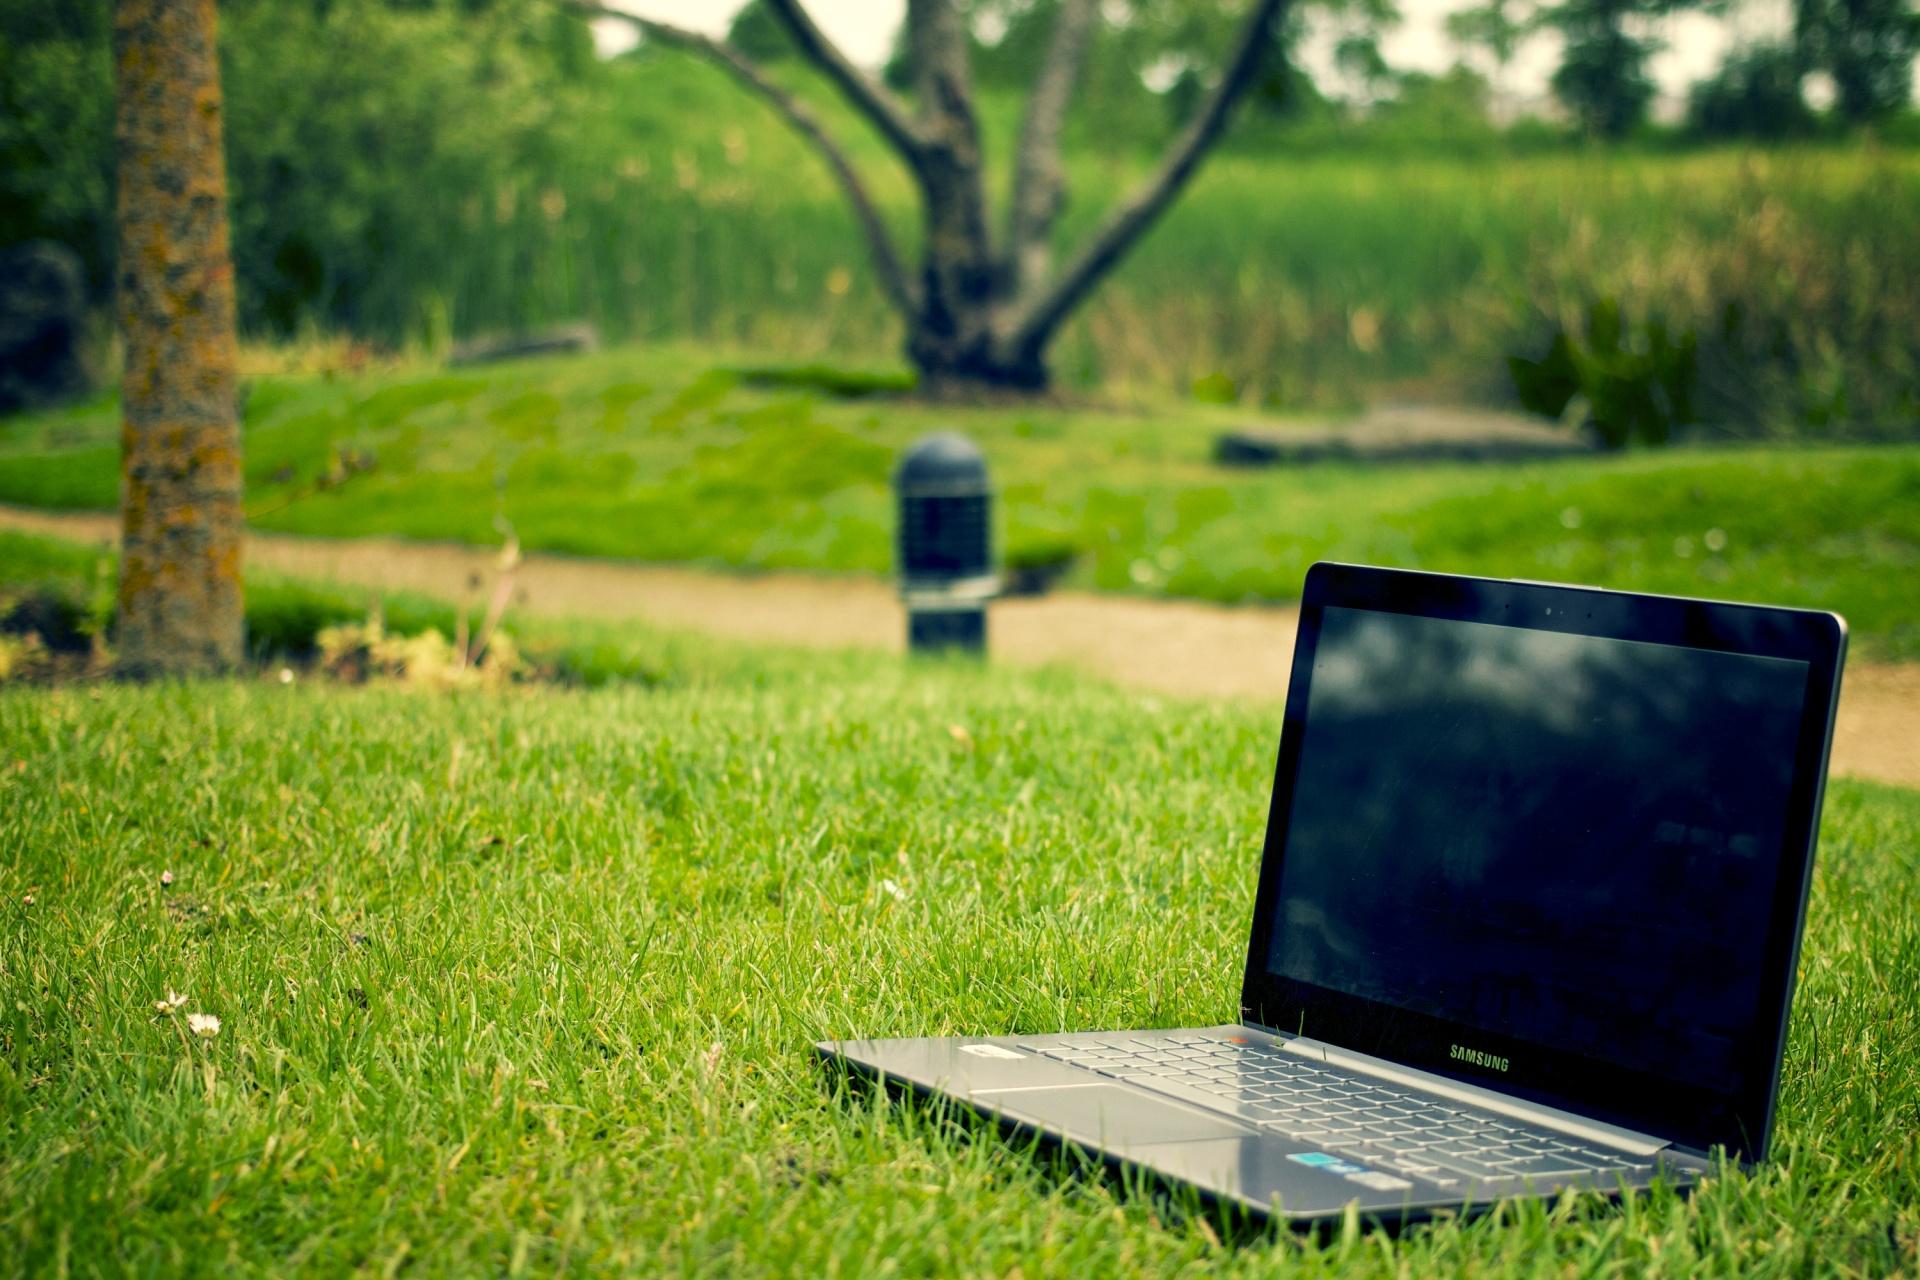 ordinateur-portable-dans-un-parc